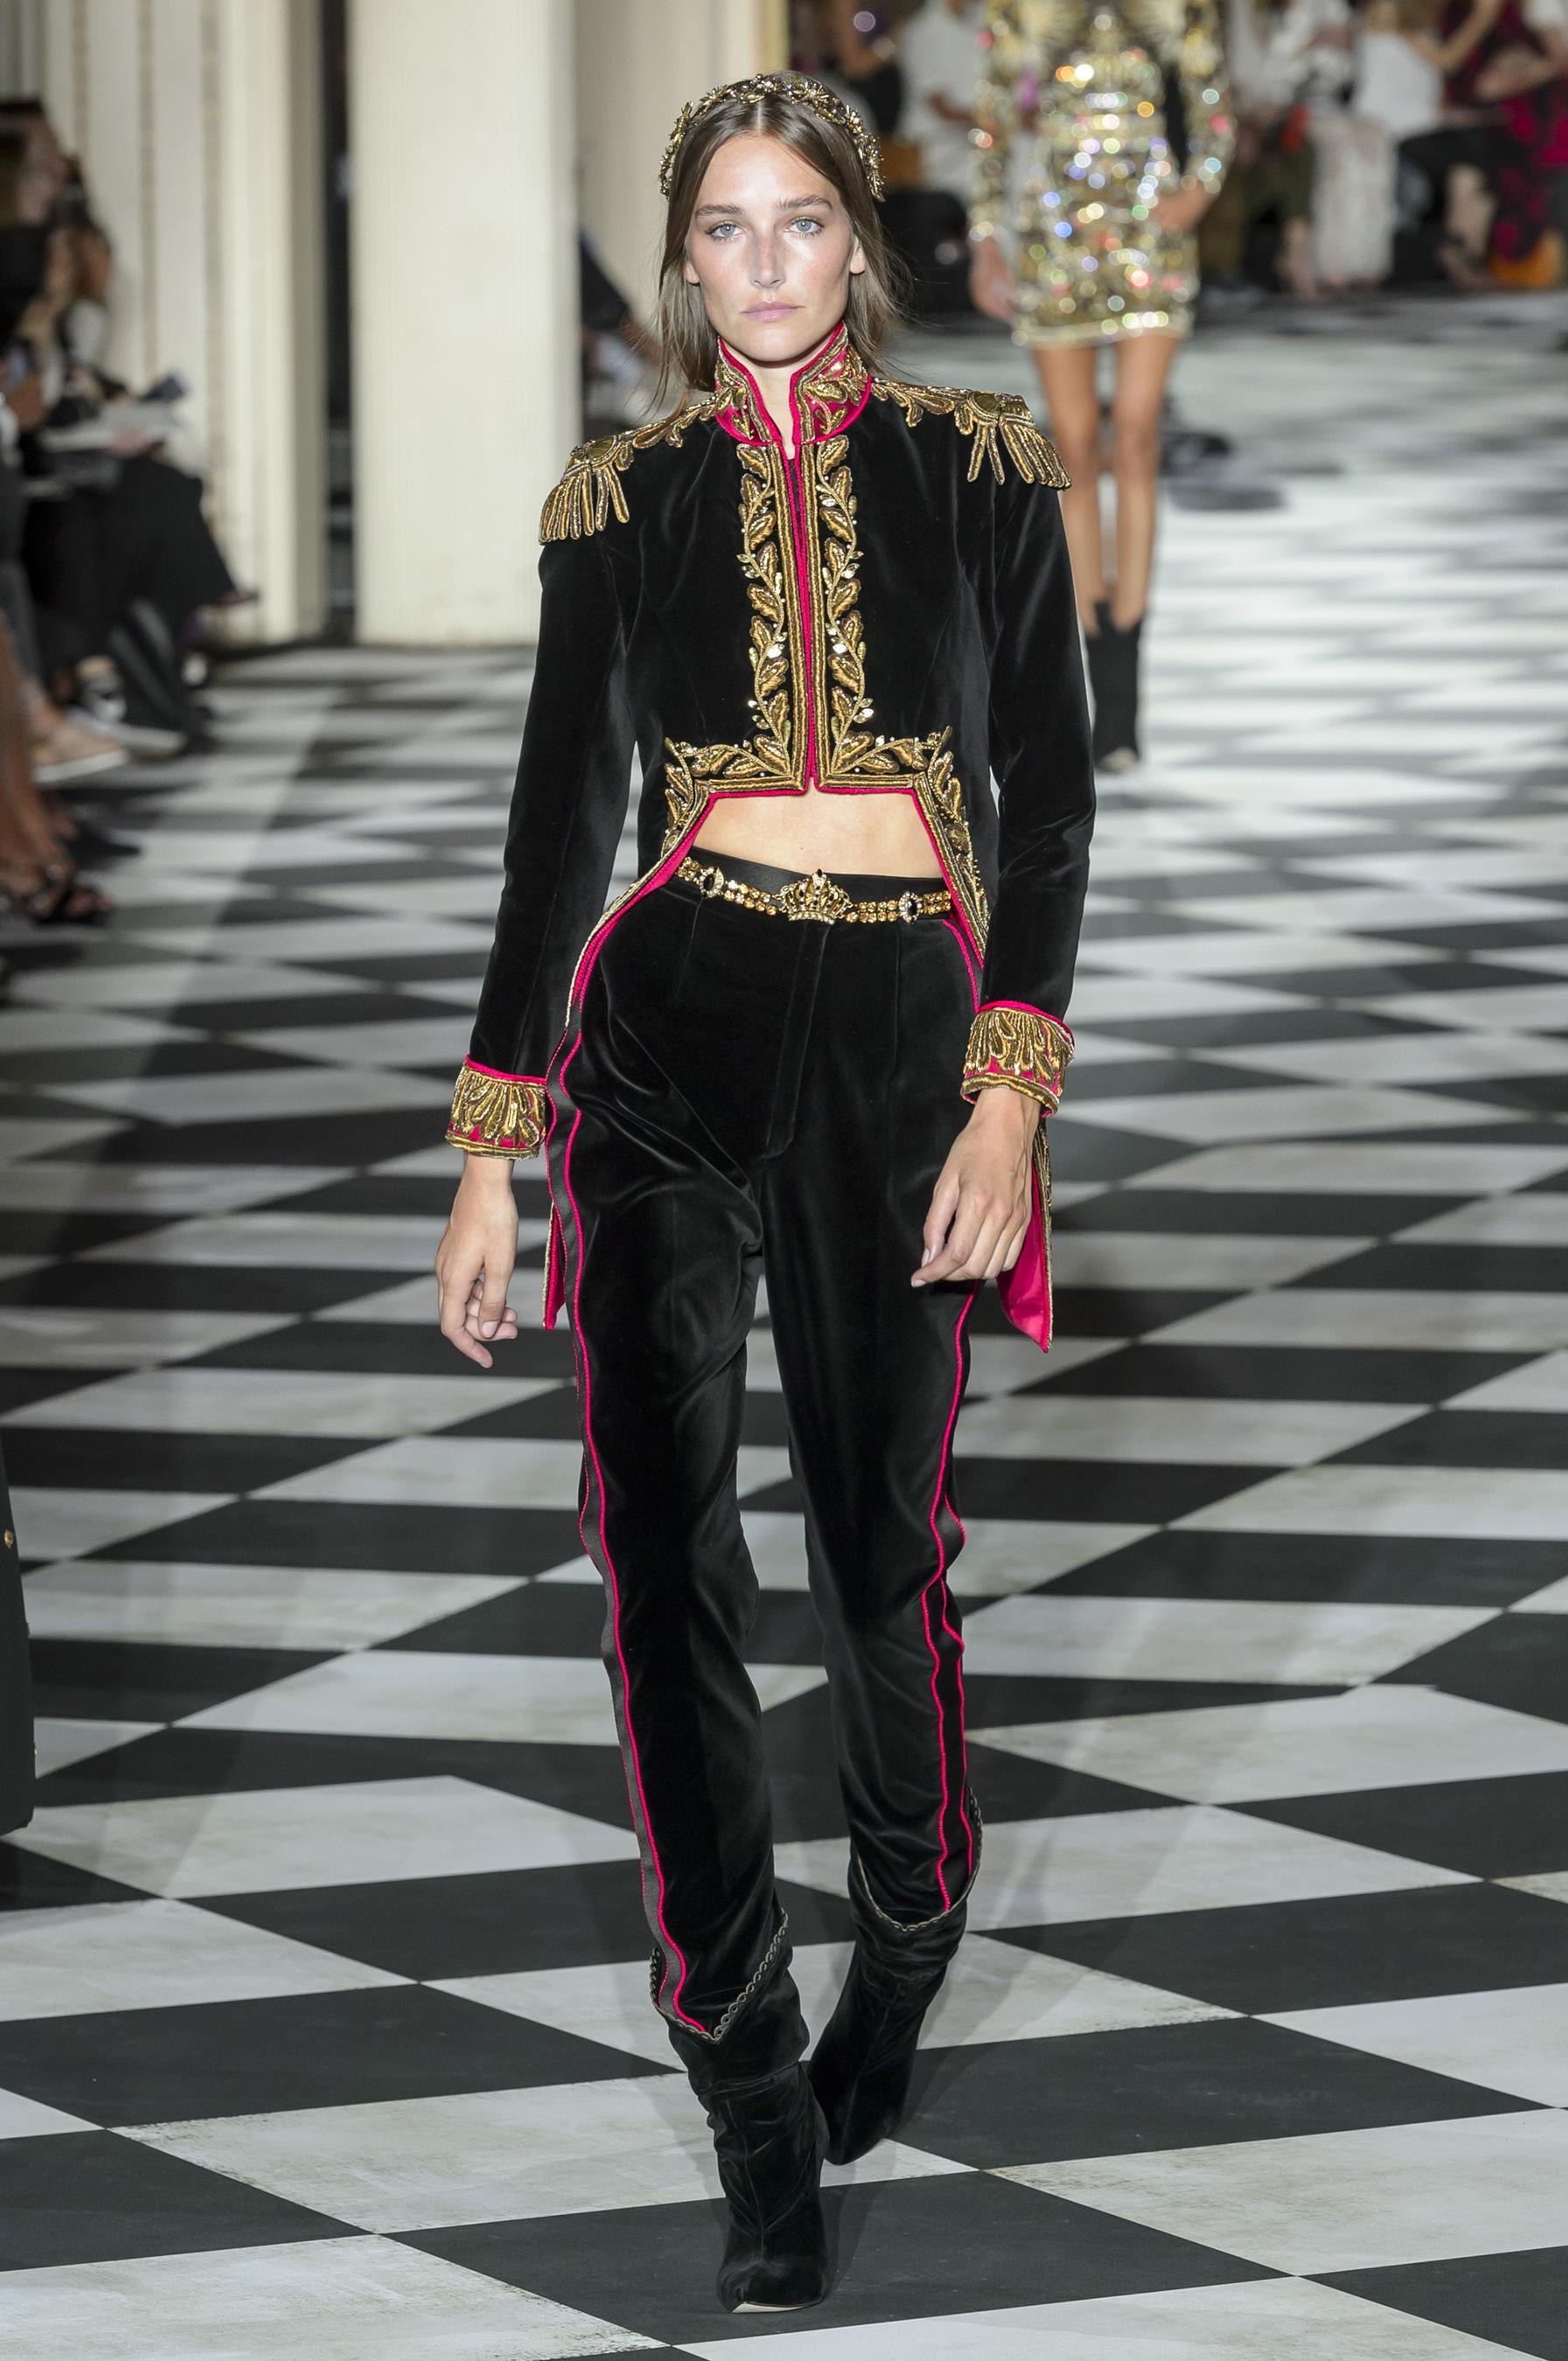 5a2e3fb2196265 Défilé Zuhair Murad automne-hiver 2018-2019 Couture - Madame Figaro